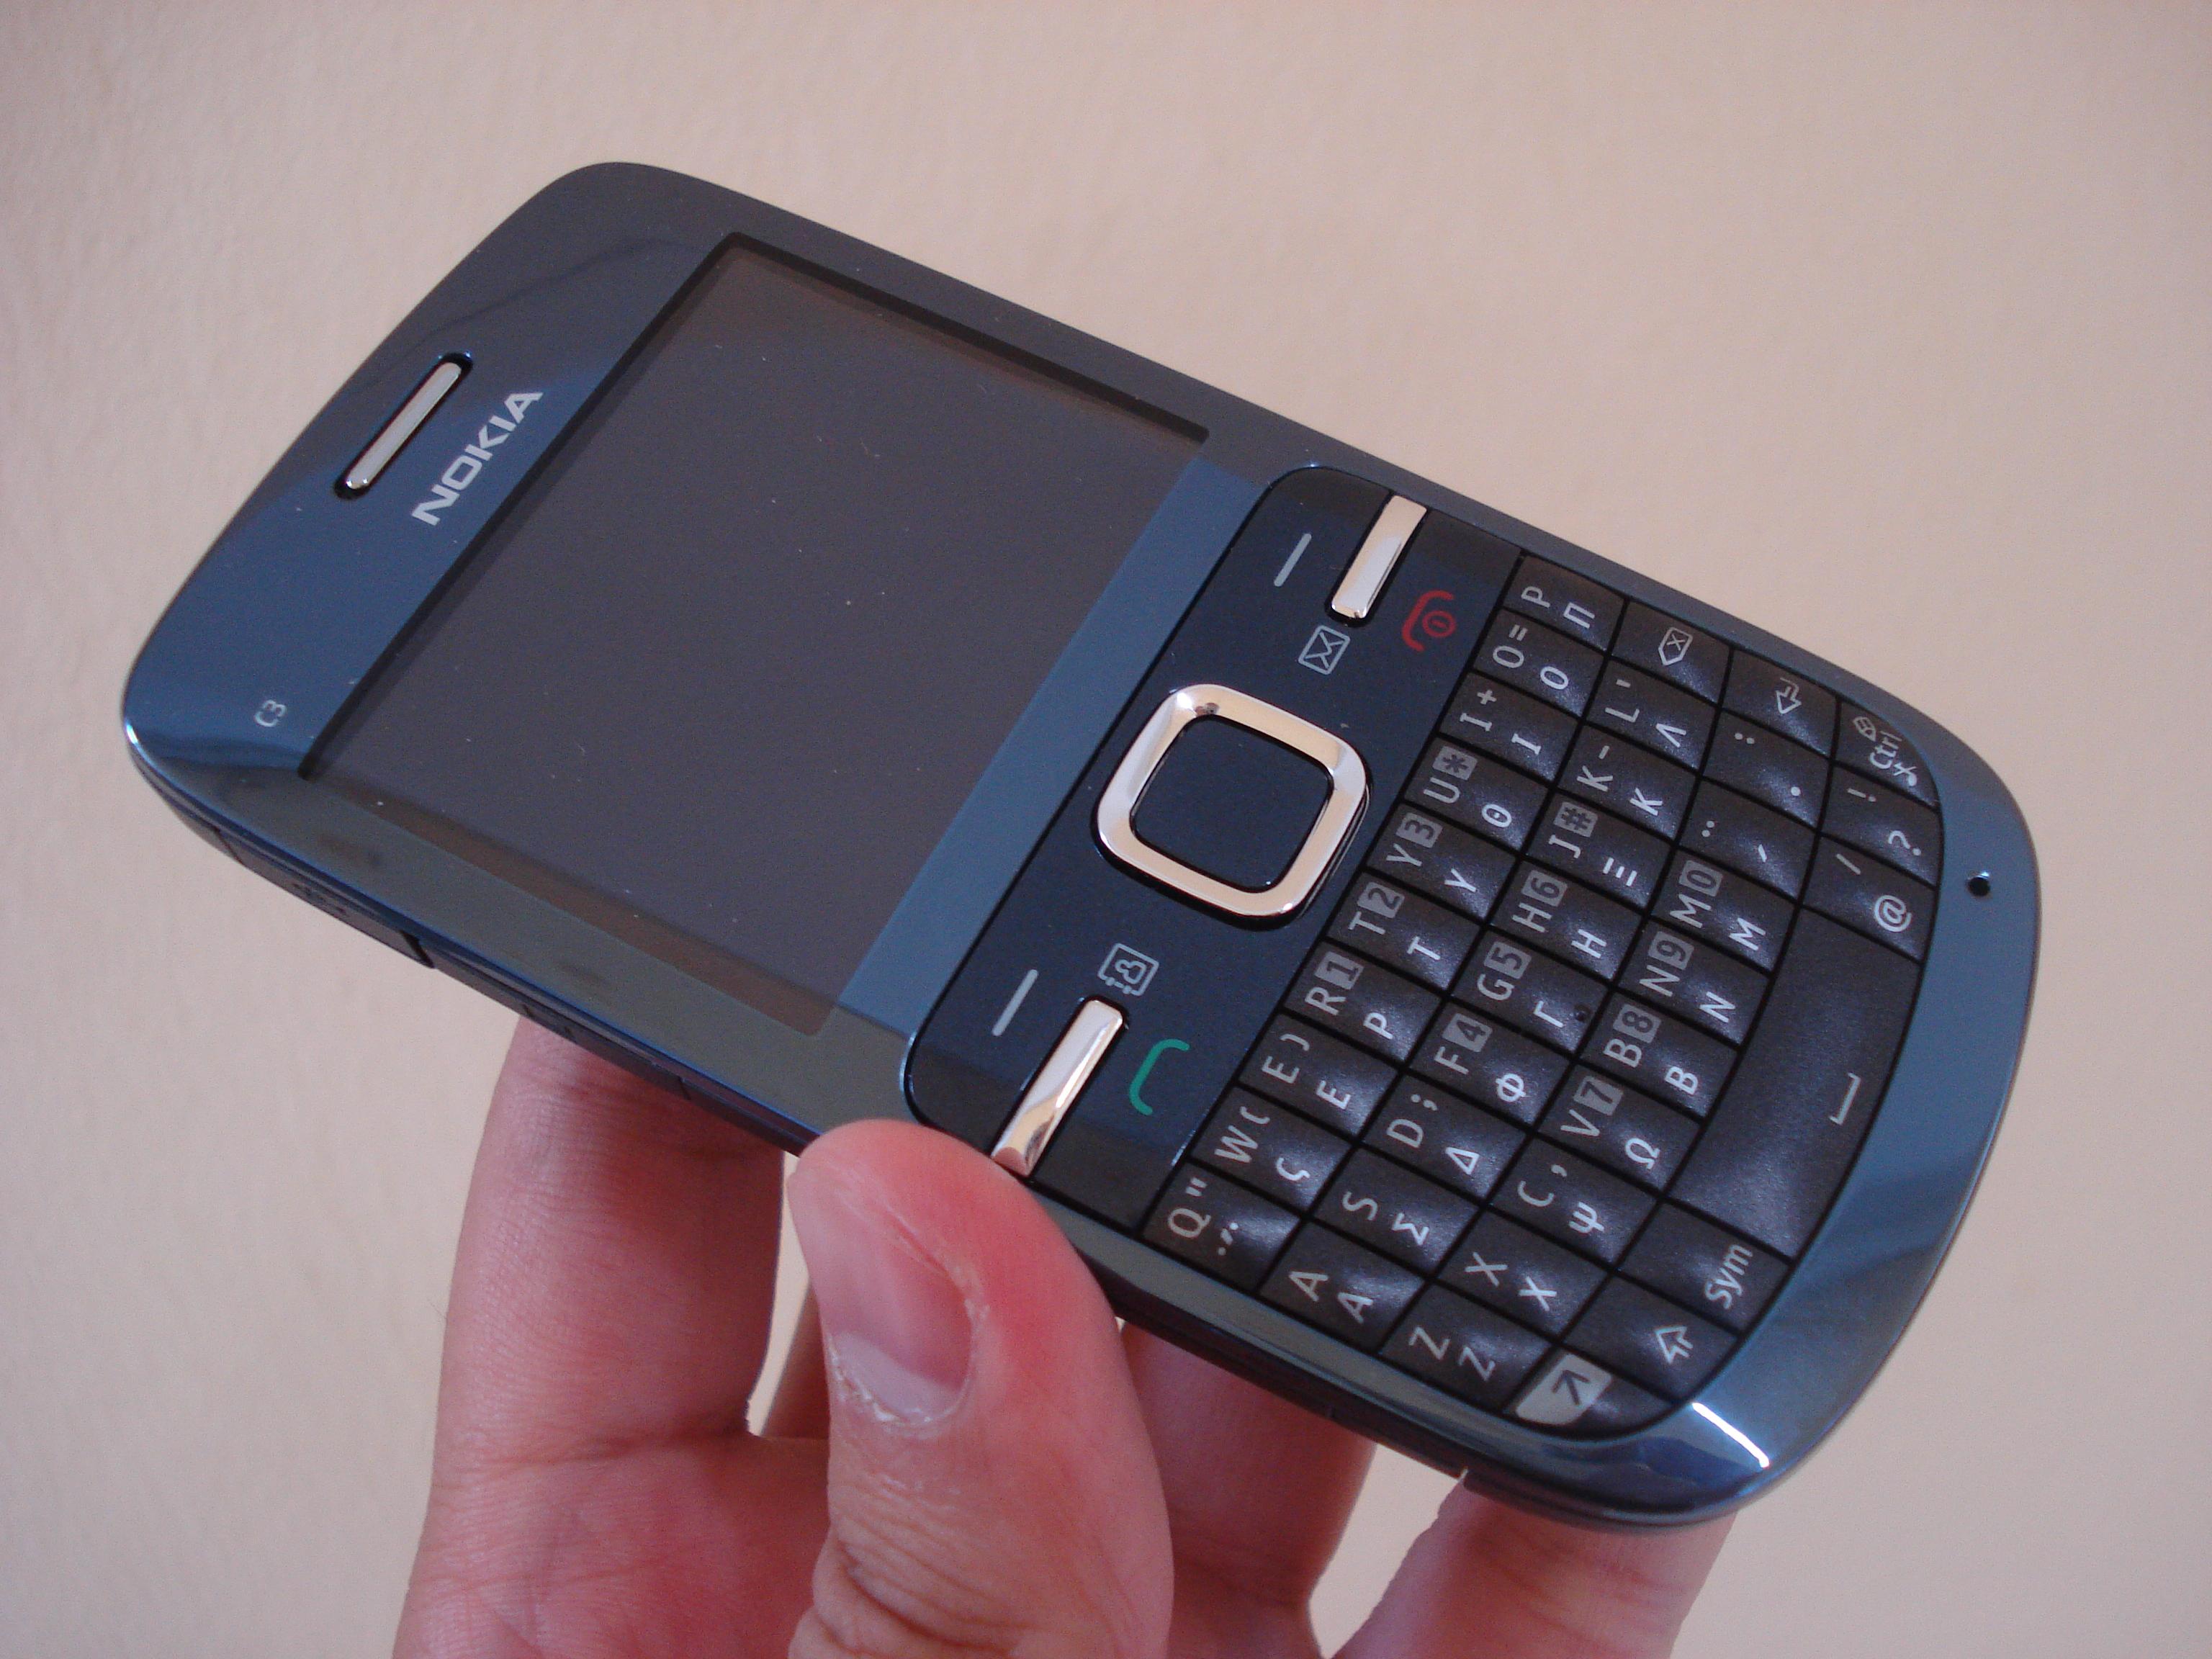 Nokia C3 00